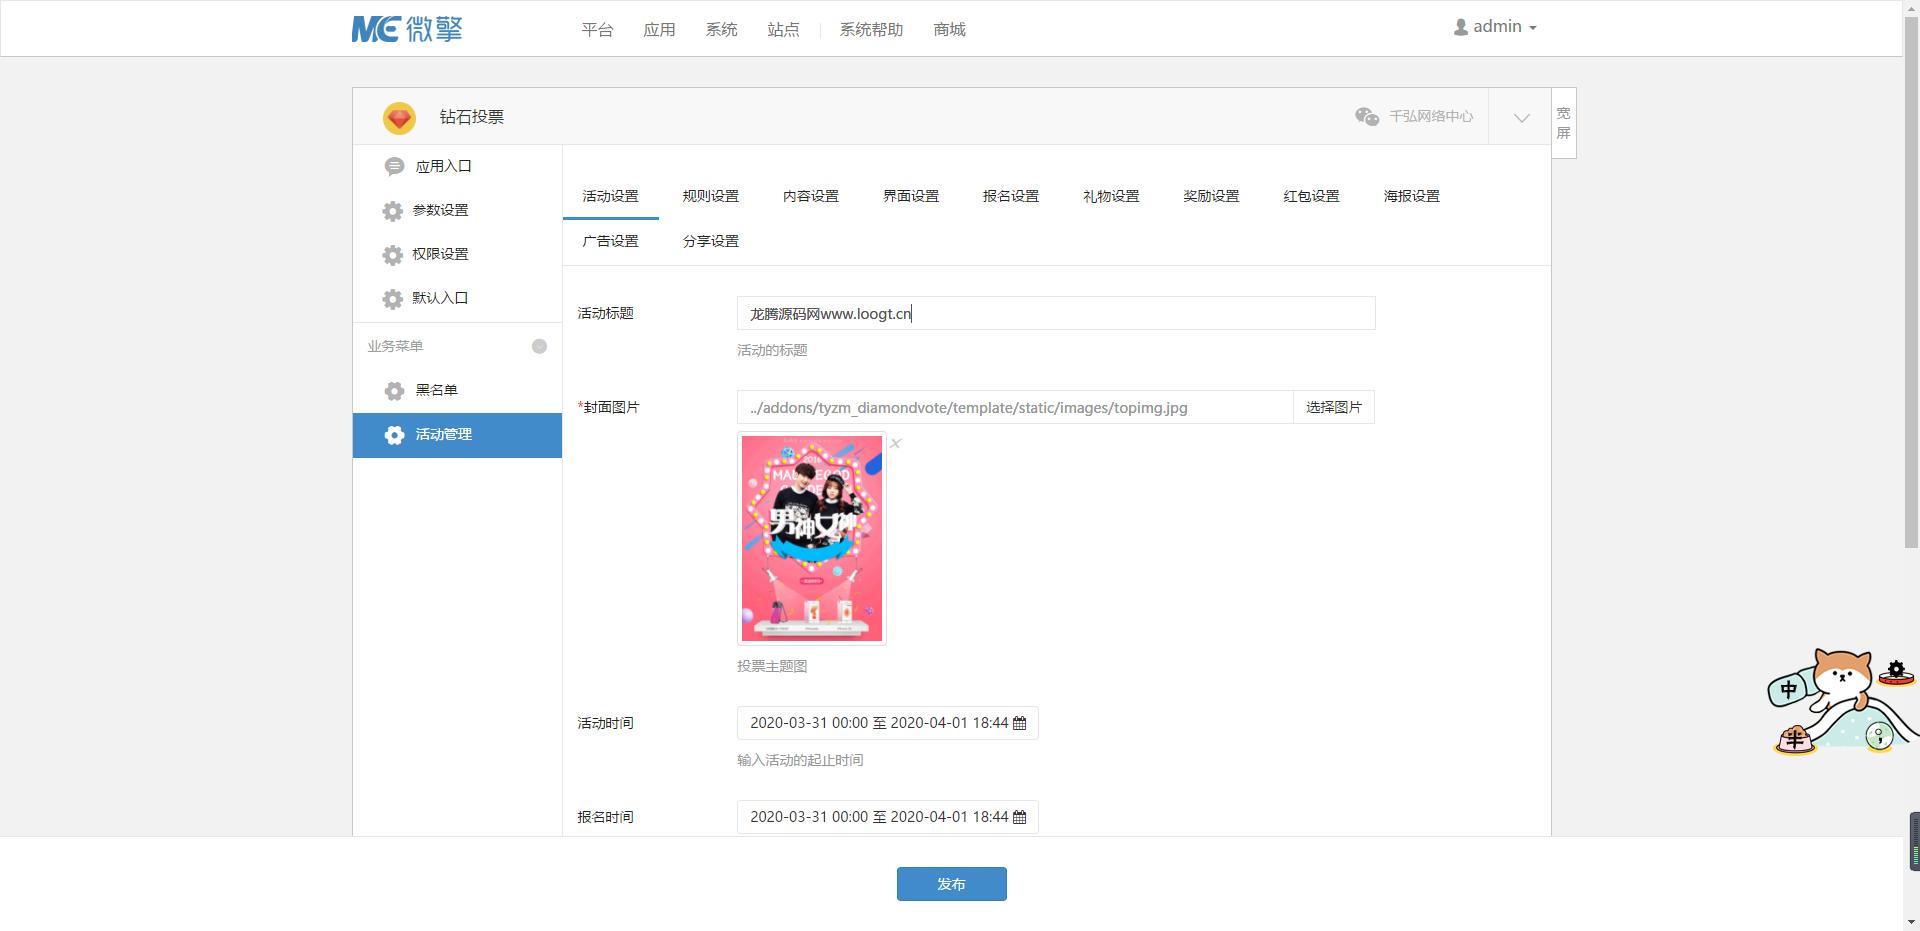 鹤云资源博客-【亲测】公众号钻石投票系统插图4